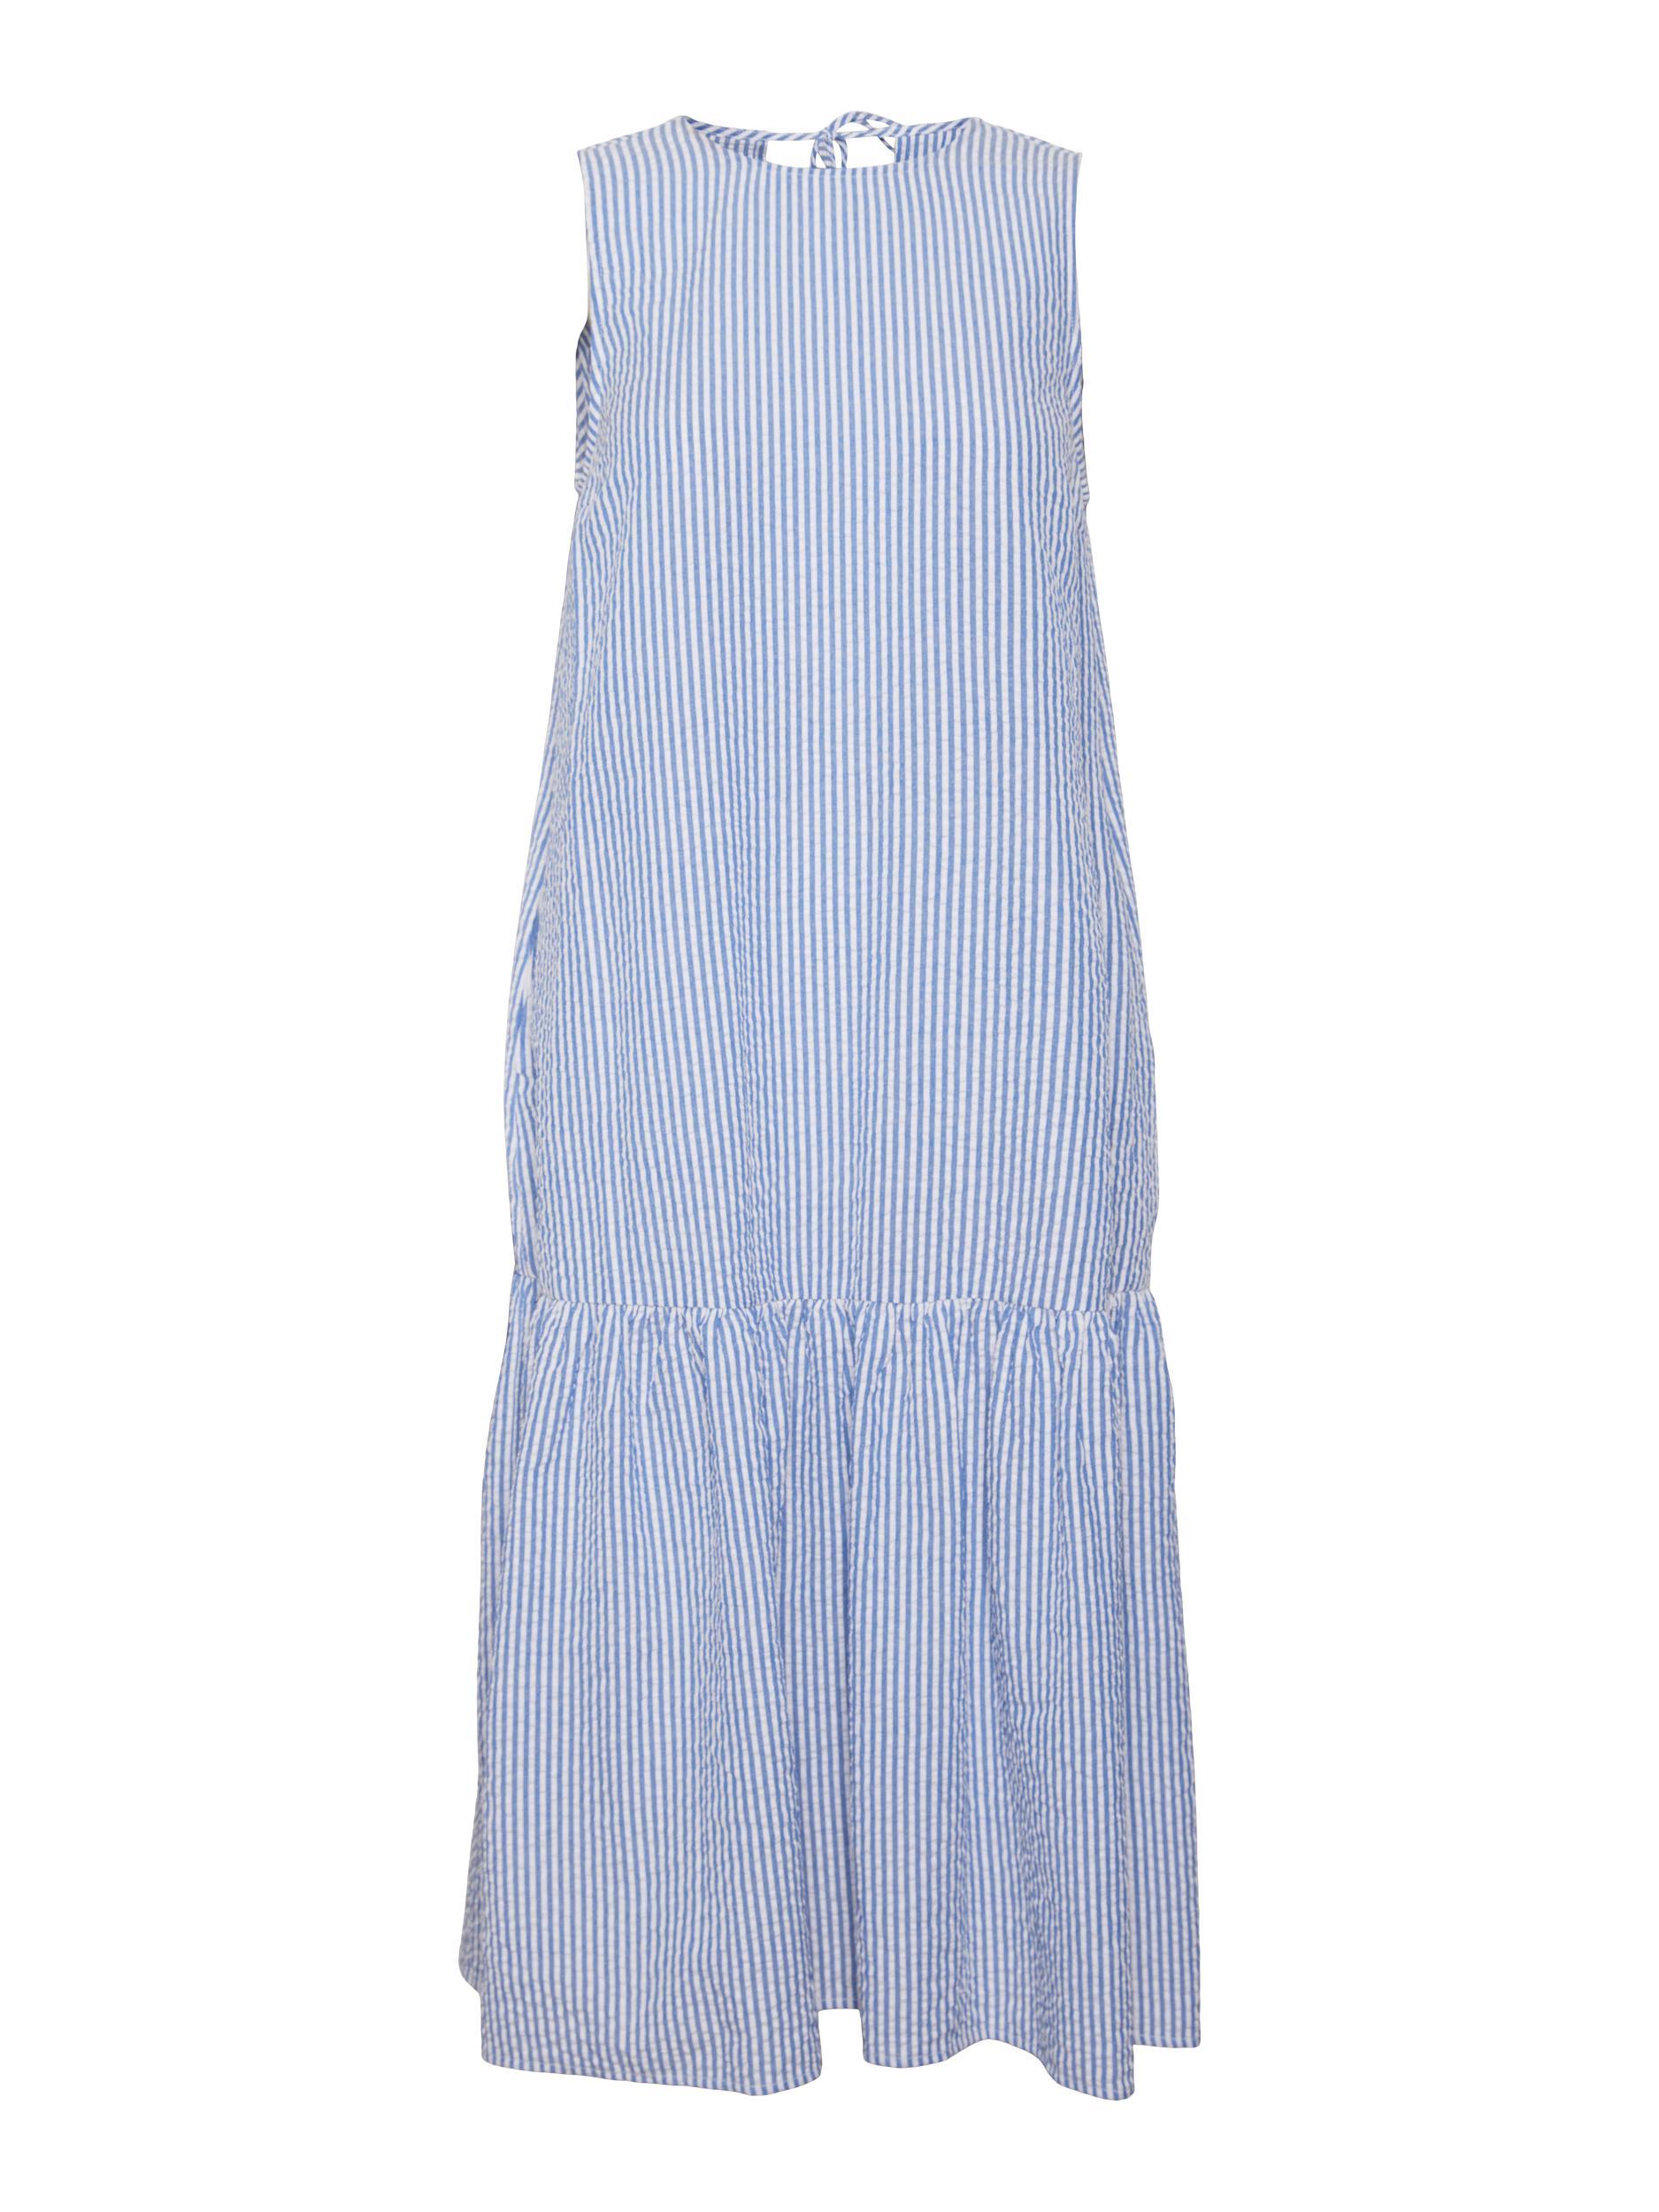 Vero Moda Iris kjole, white/blue, x-large